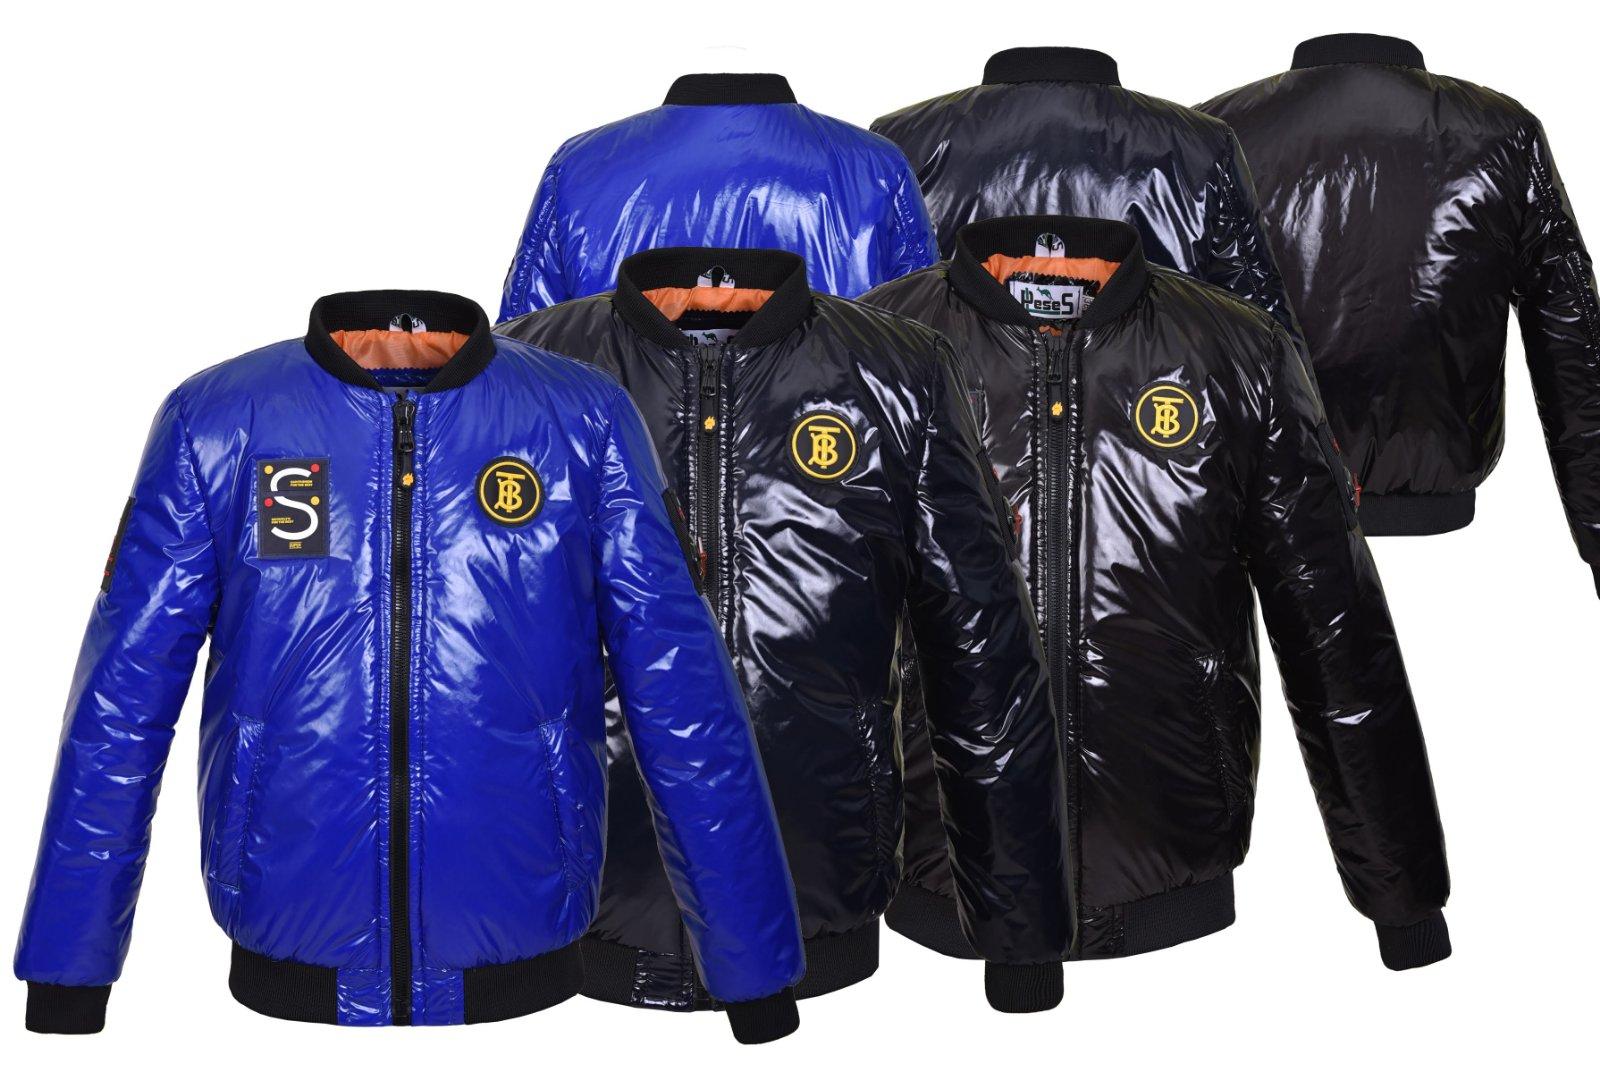 Демисезонные куртки для мальчика. Украина. Размеры: 28-462